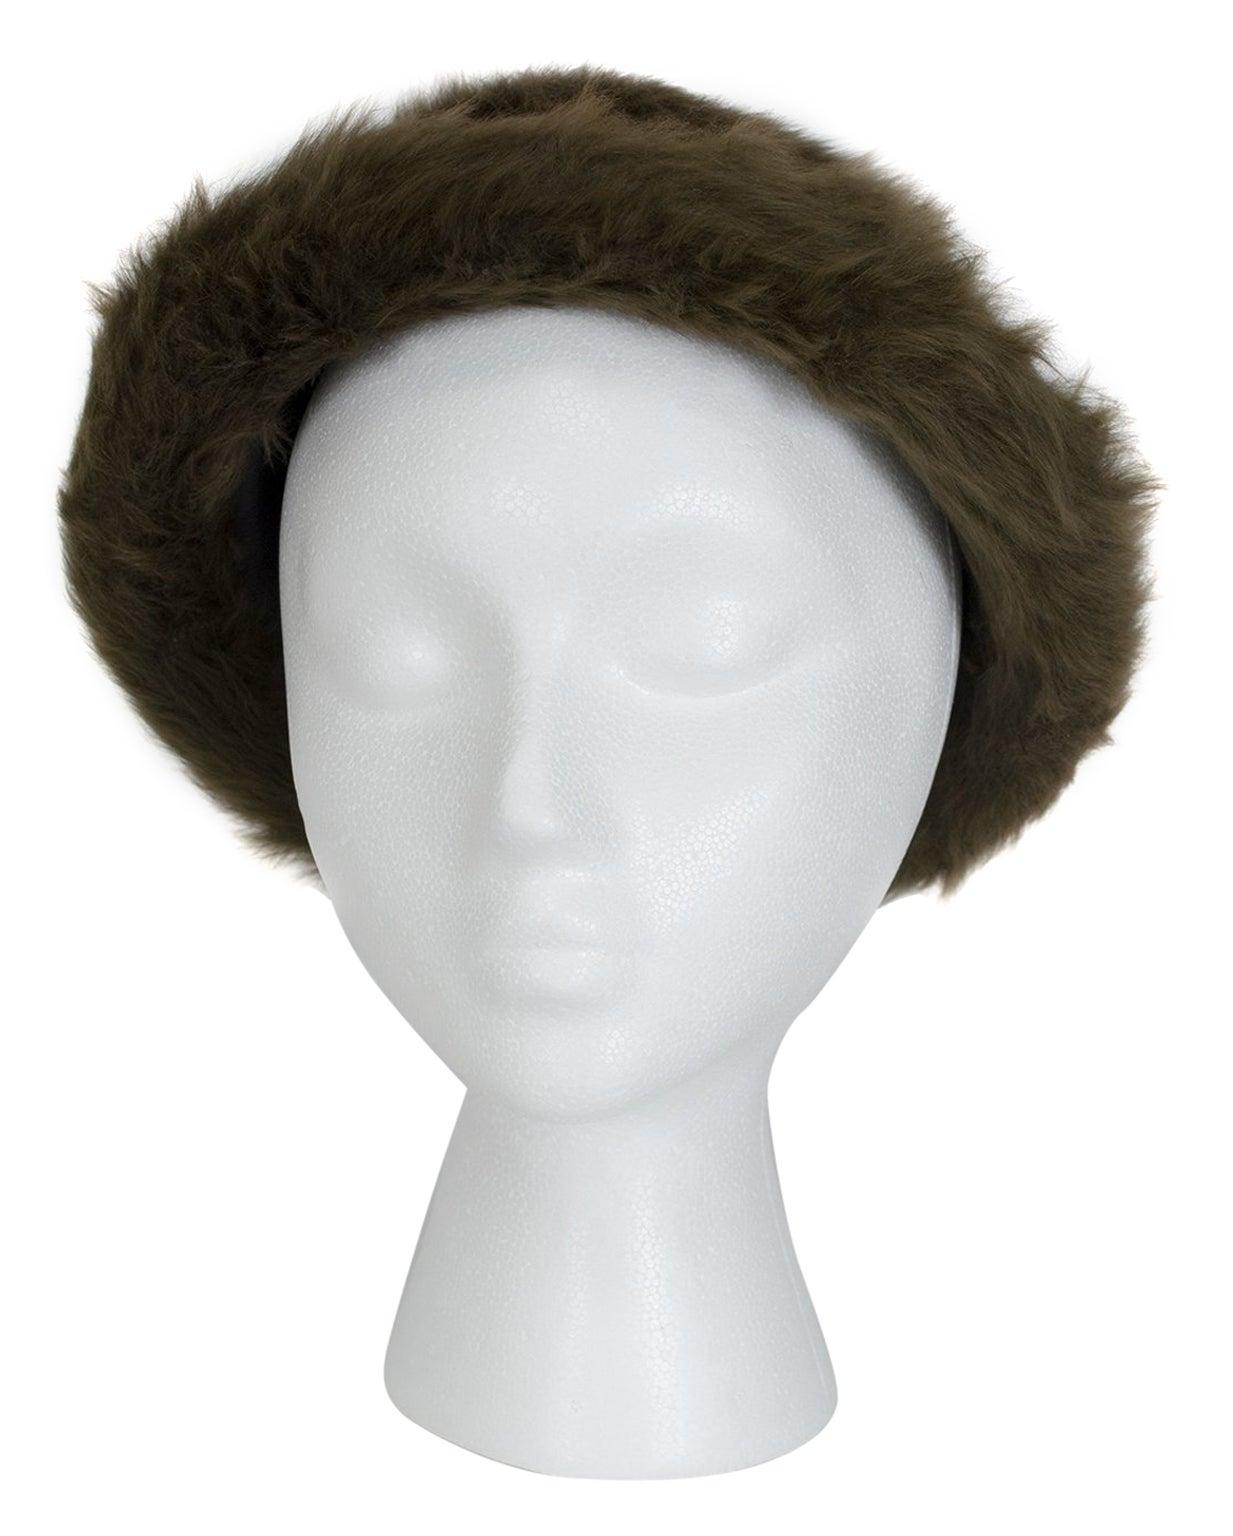 James Galanos Toscana Shearling Fur Bowler Hat, 1980s